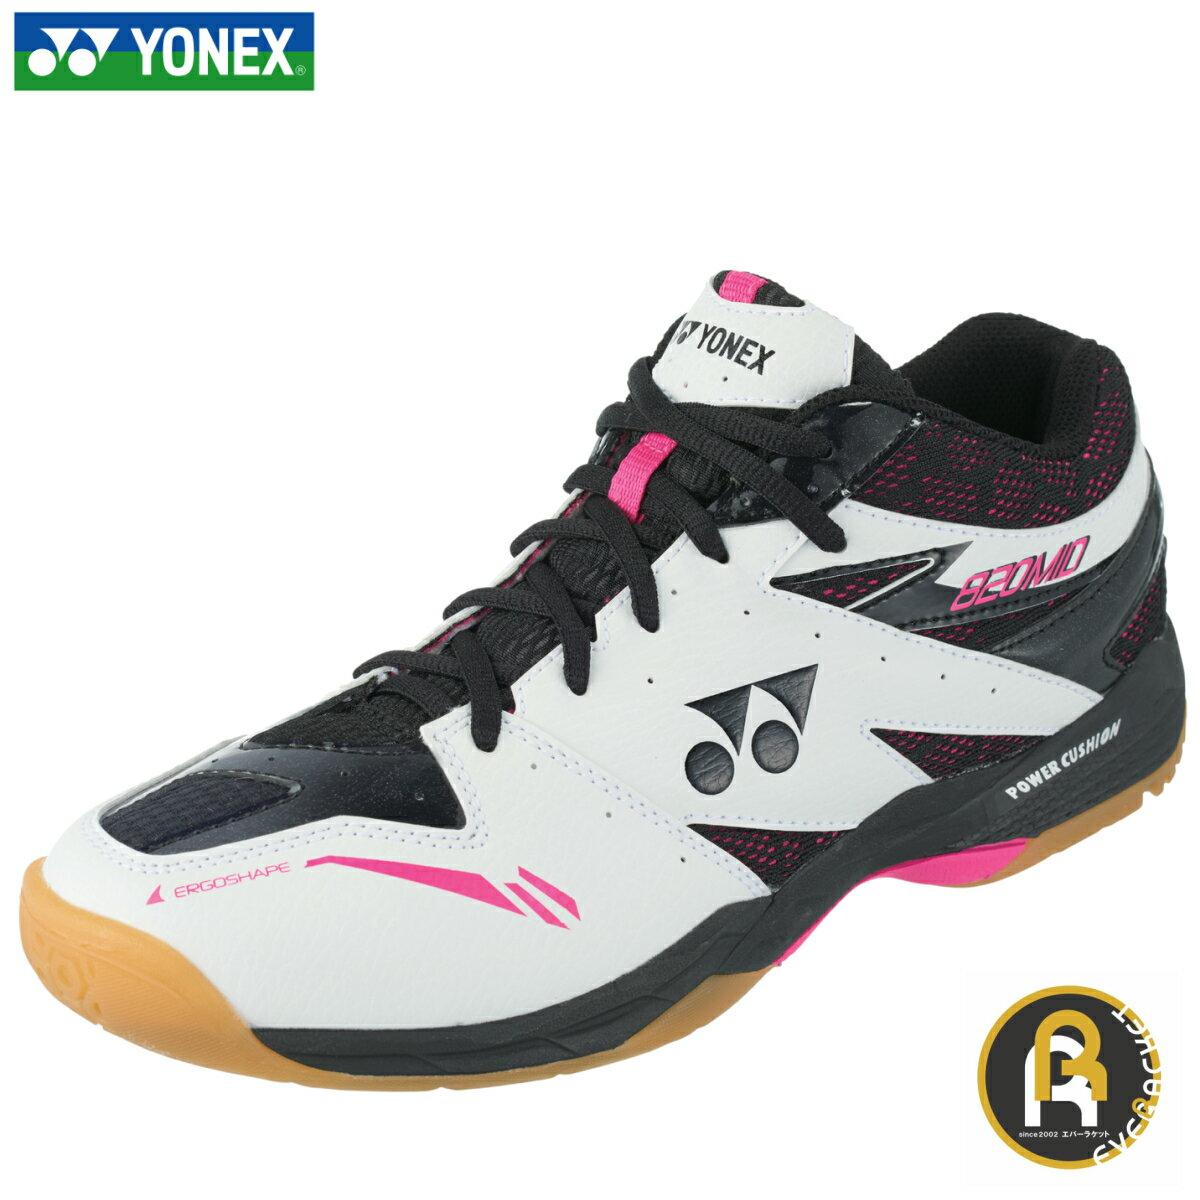 【特価商品】YONEX ヨネックス バドミントン バドミントンシューズ パワークッション820ミッド SHB820MD